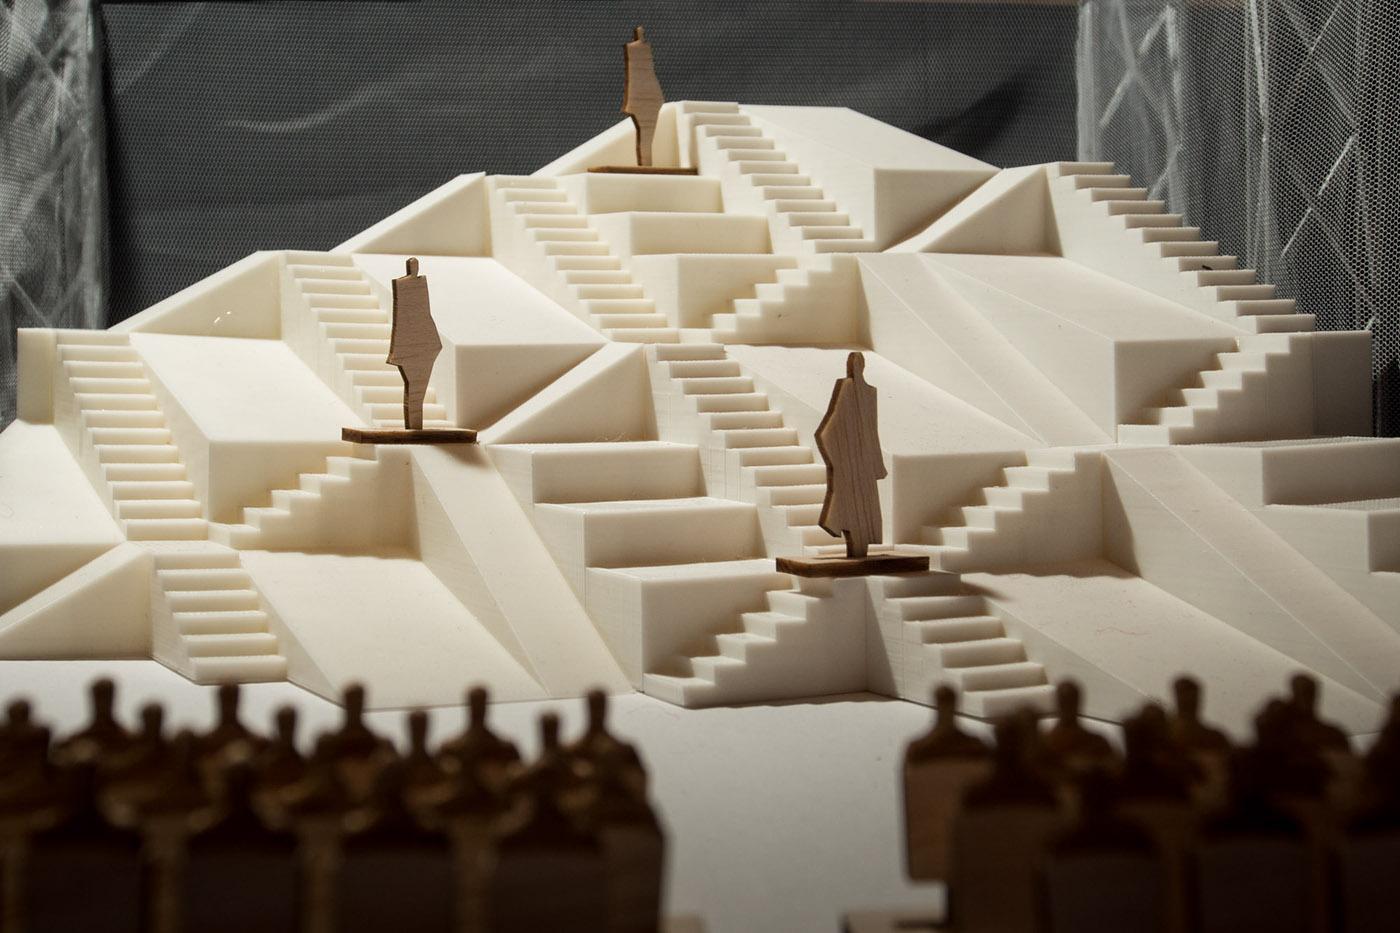 stalker set design maze concept